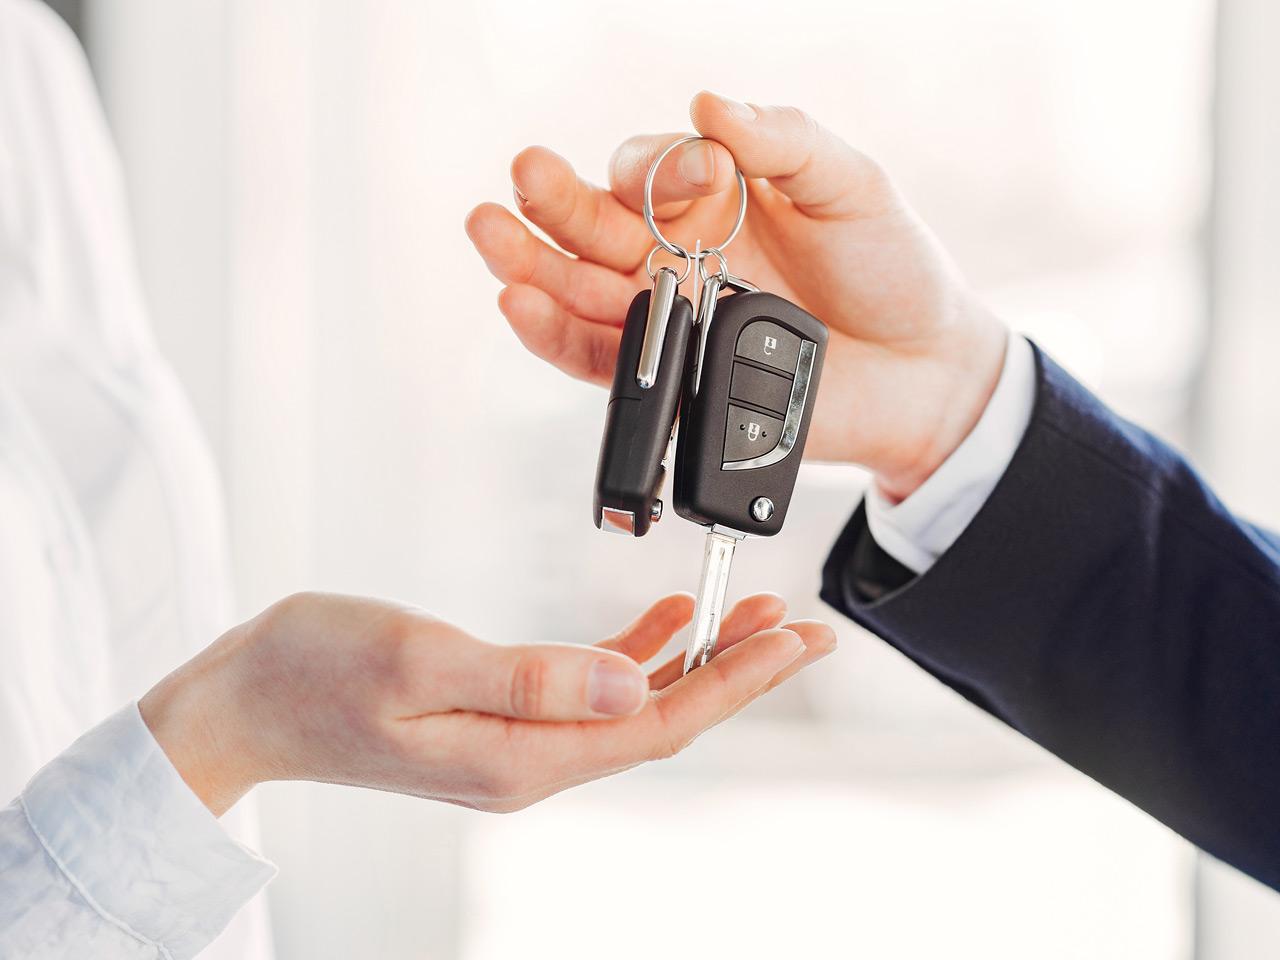 با یکصد میلیون تومان چه خودروهایی می توان خرید ؟